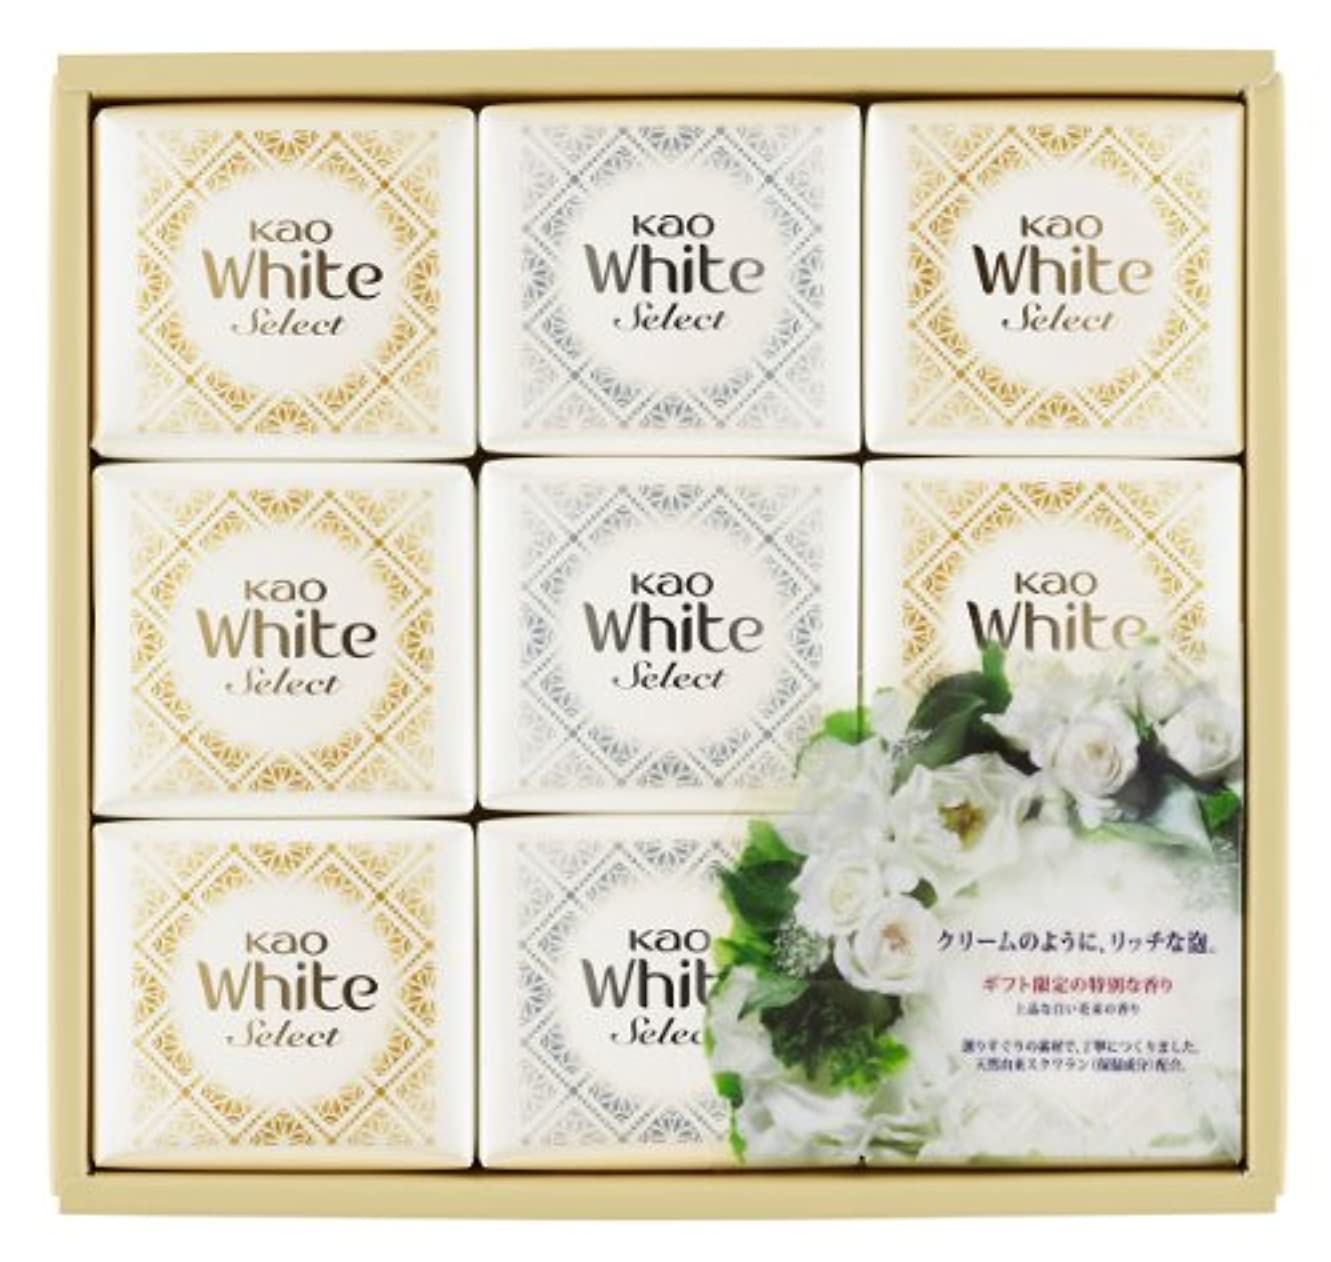 電気陽性レスリング家畜花王ホワイト セレクト 上品な白い花束の香り 85g 9コ K?WS-15